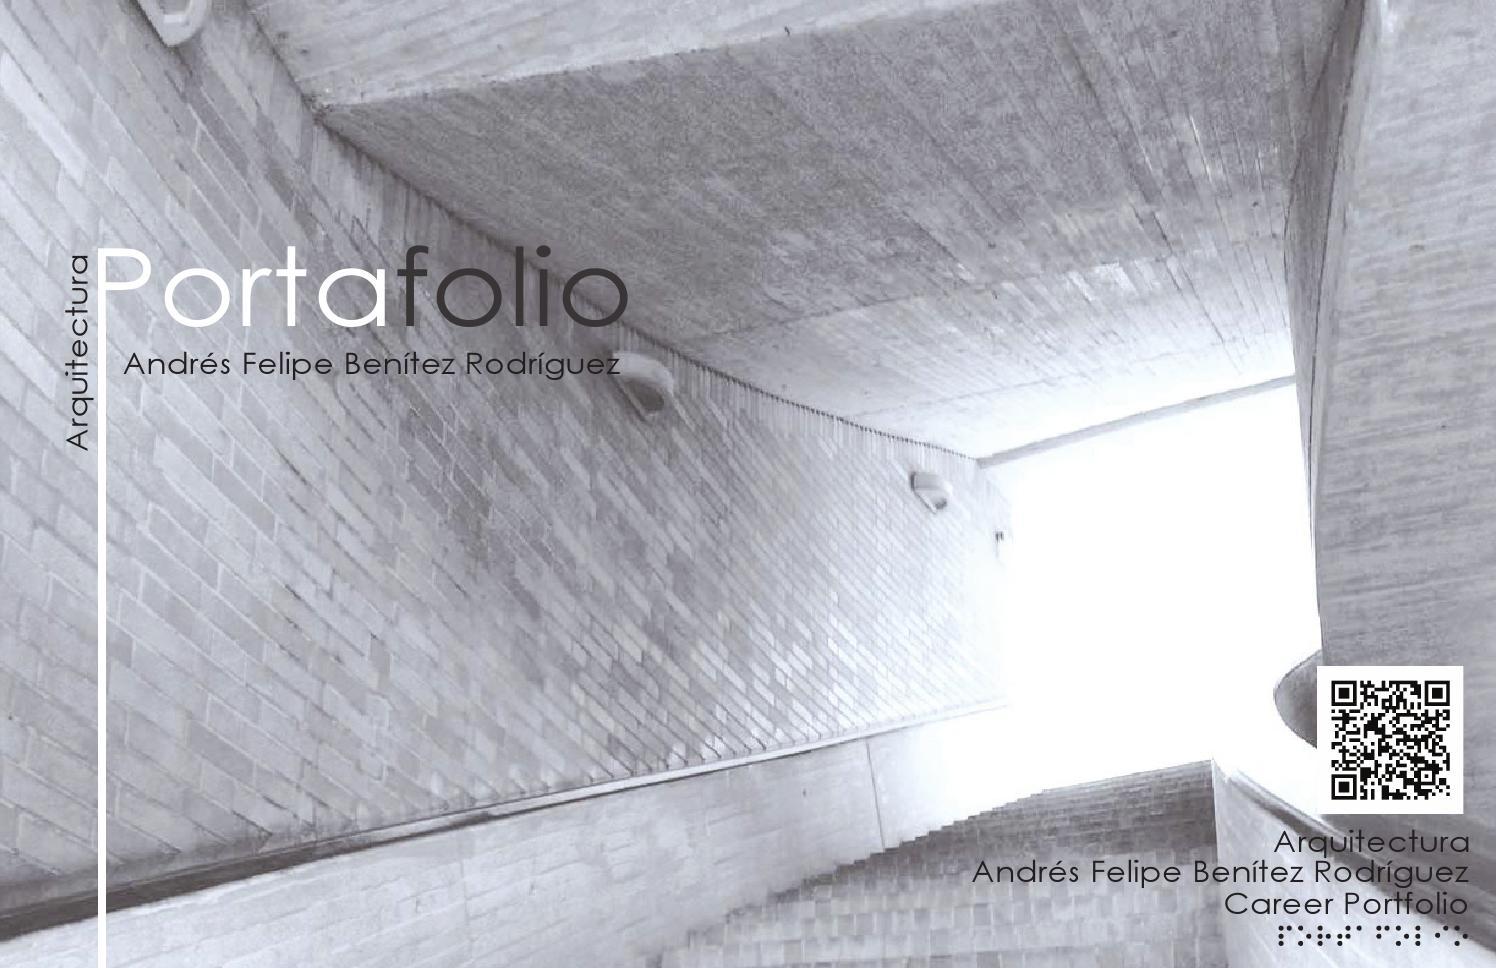 Portafolio arquitectura by andr s felipe ben tez rodr guez for Portafolio arquitectura